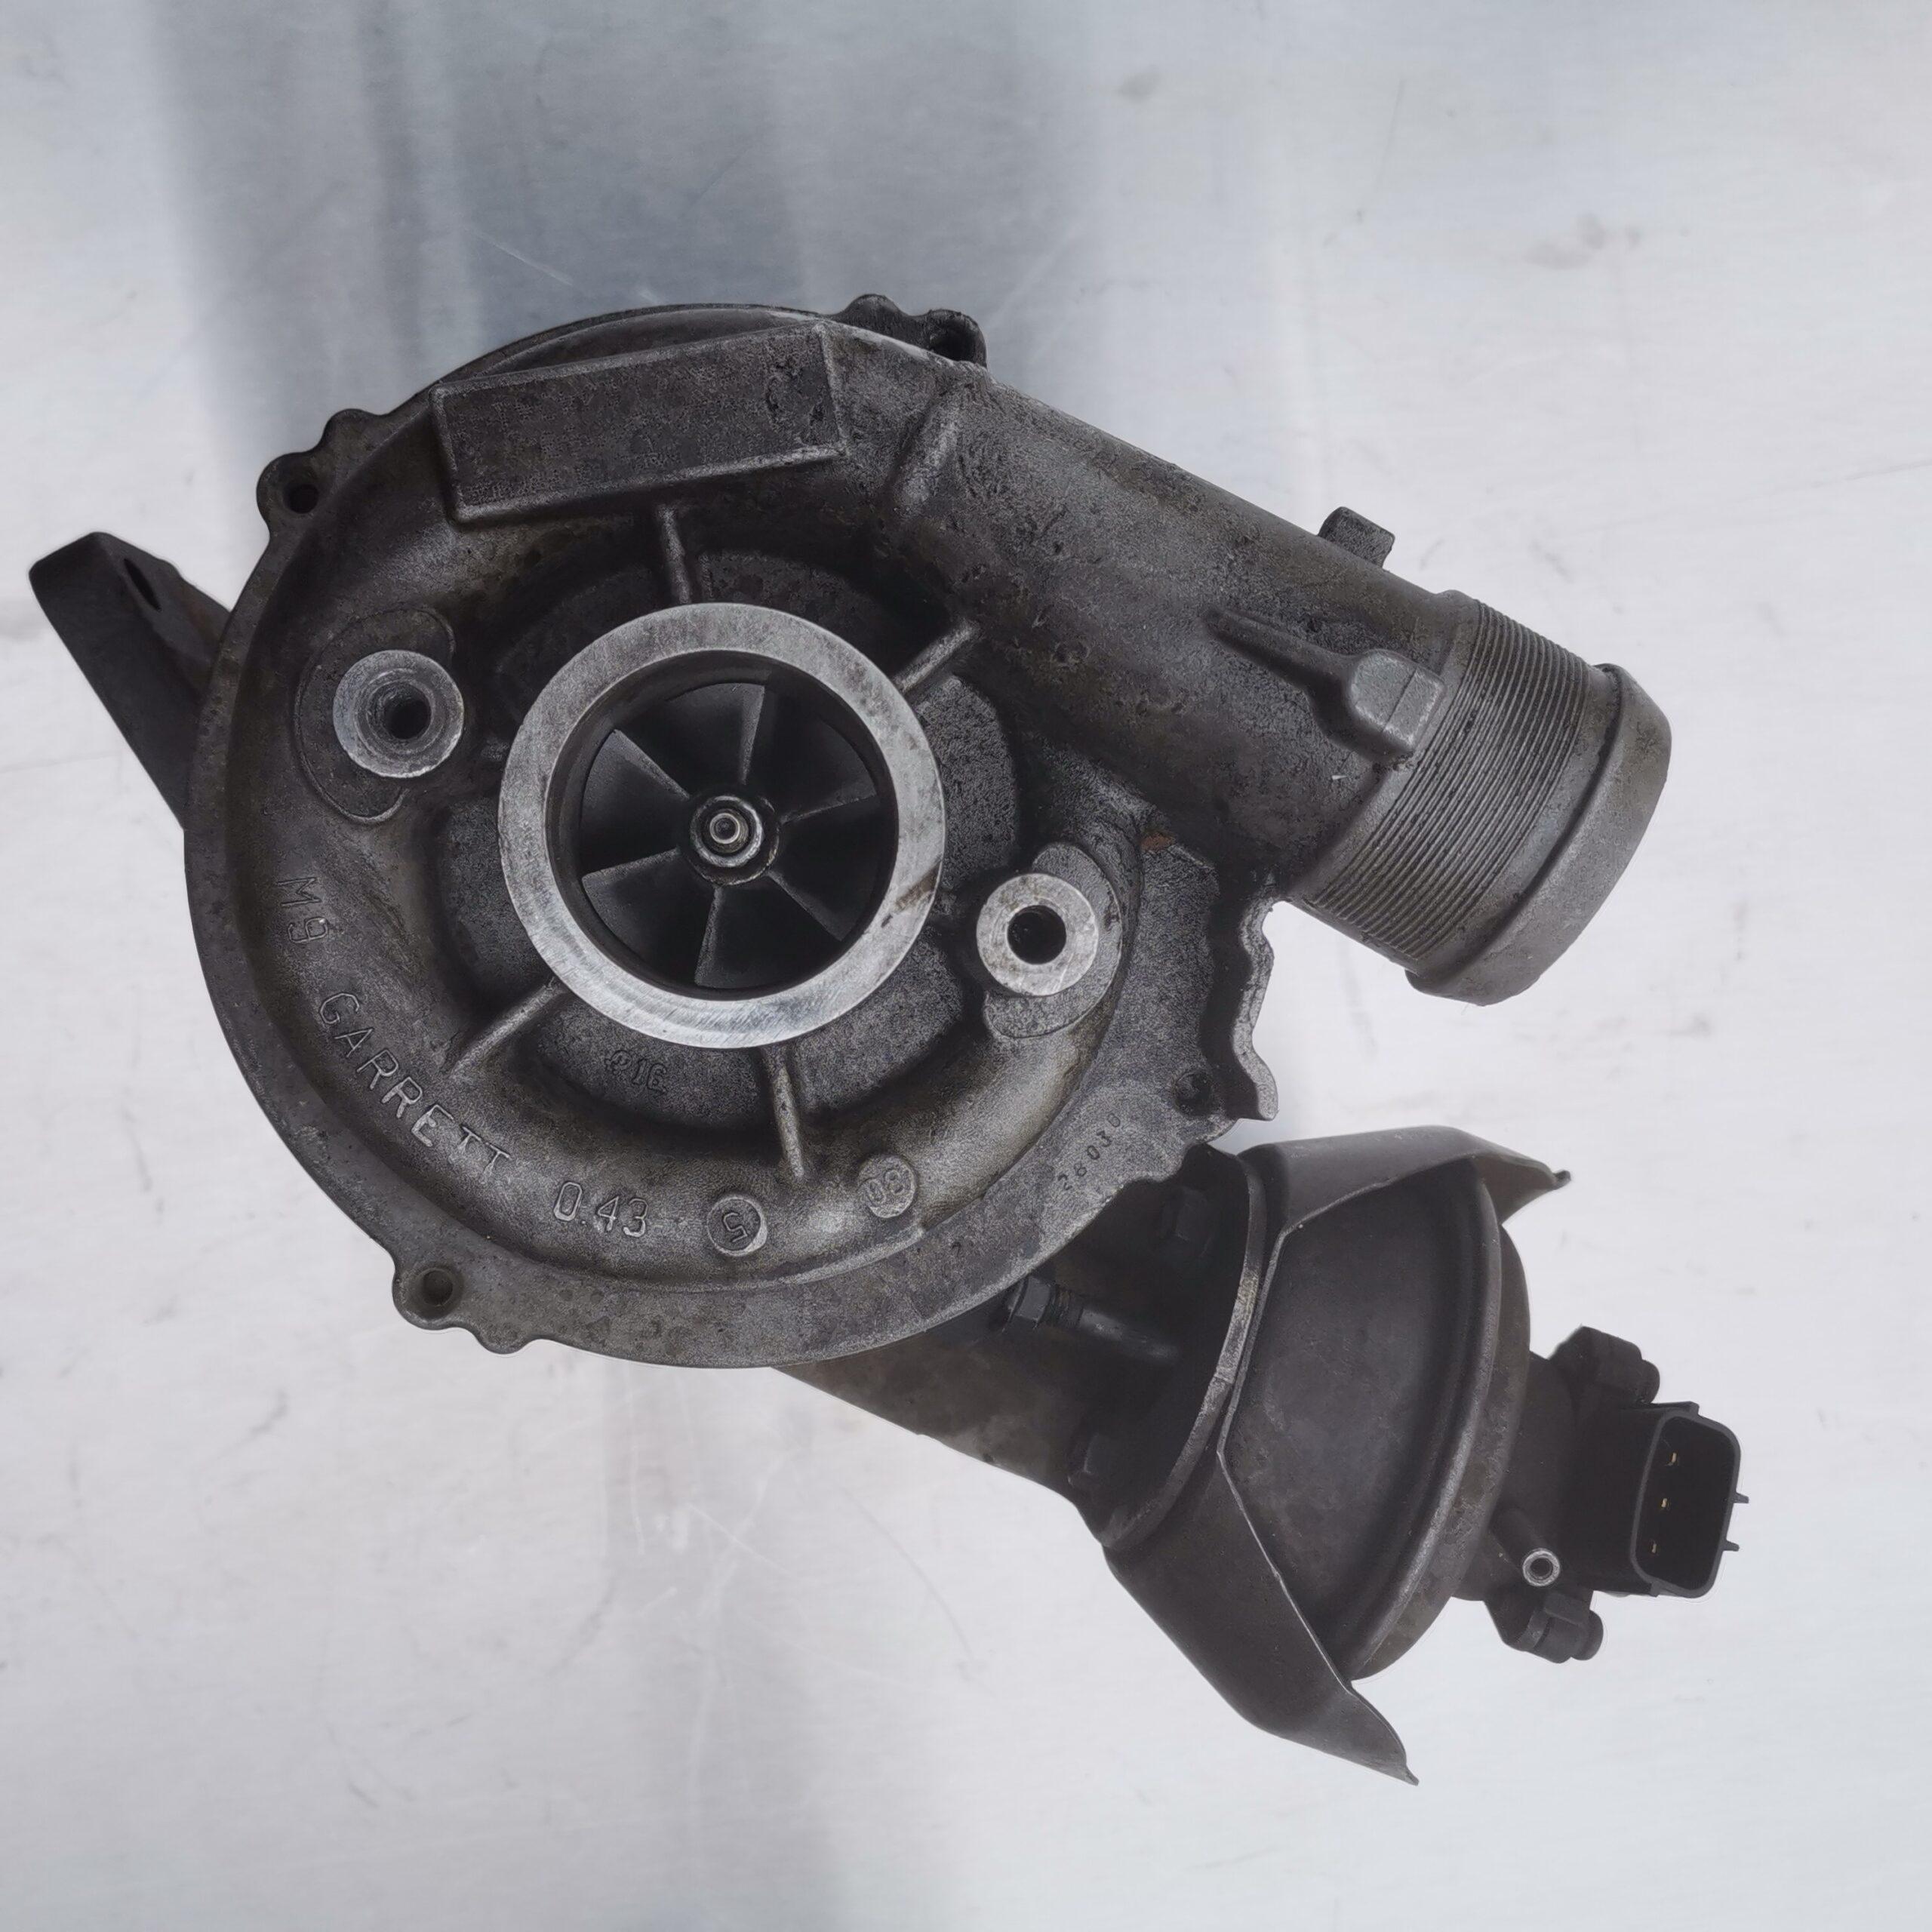 Фото турбокомпрессора Ford Mondeo 2.0 tdci до ремонта